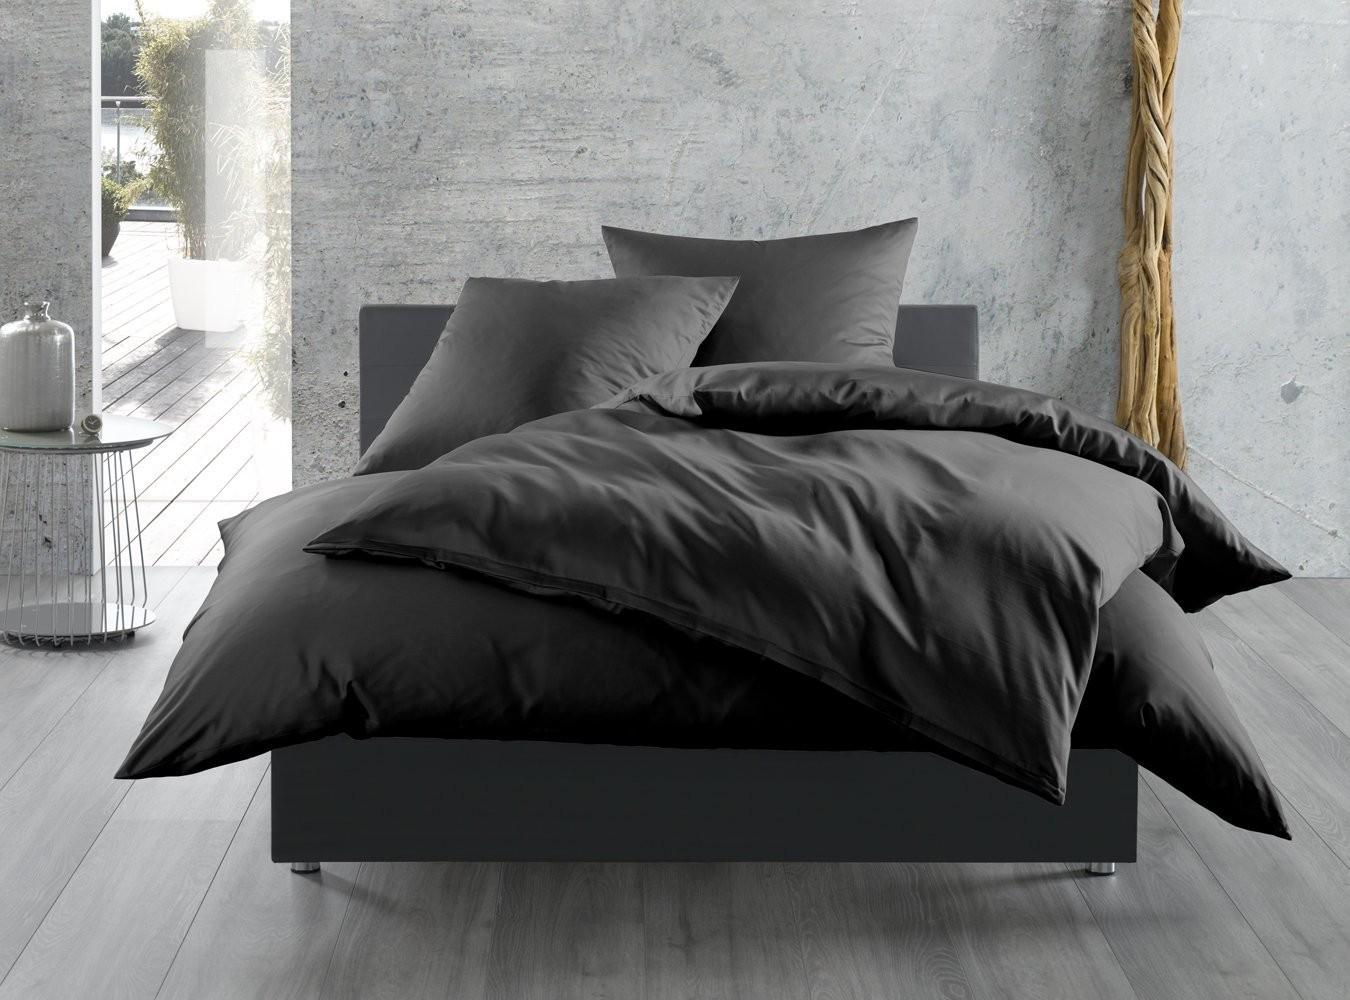 mako satin bettw sche uni einfarbig schwarz online kaufen bms. Black Bedroom Furniture Sets. Home Design Ideas